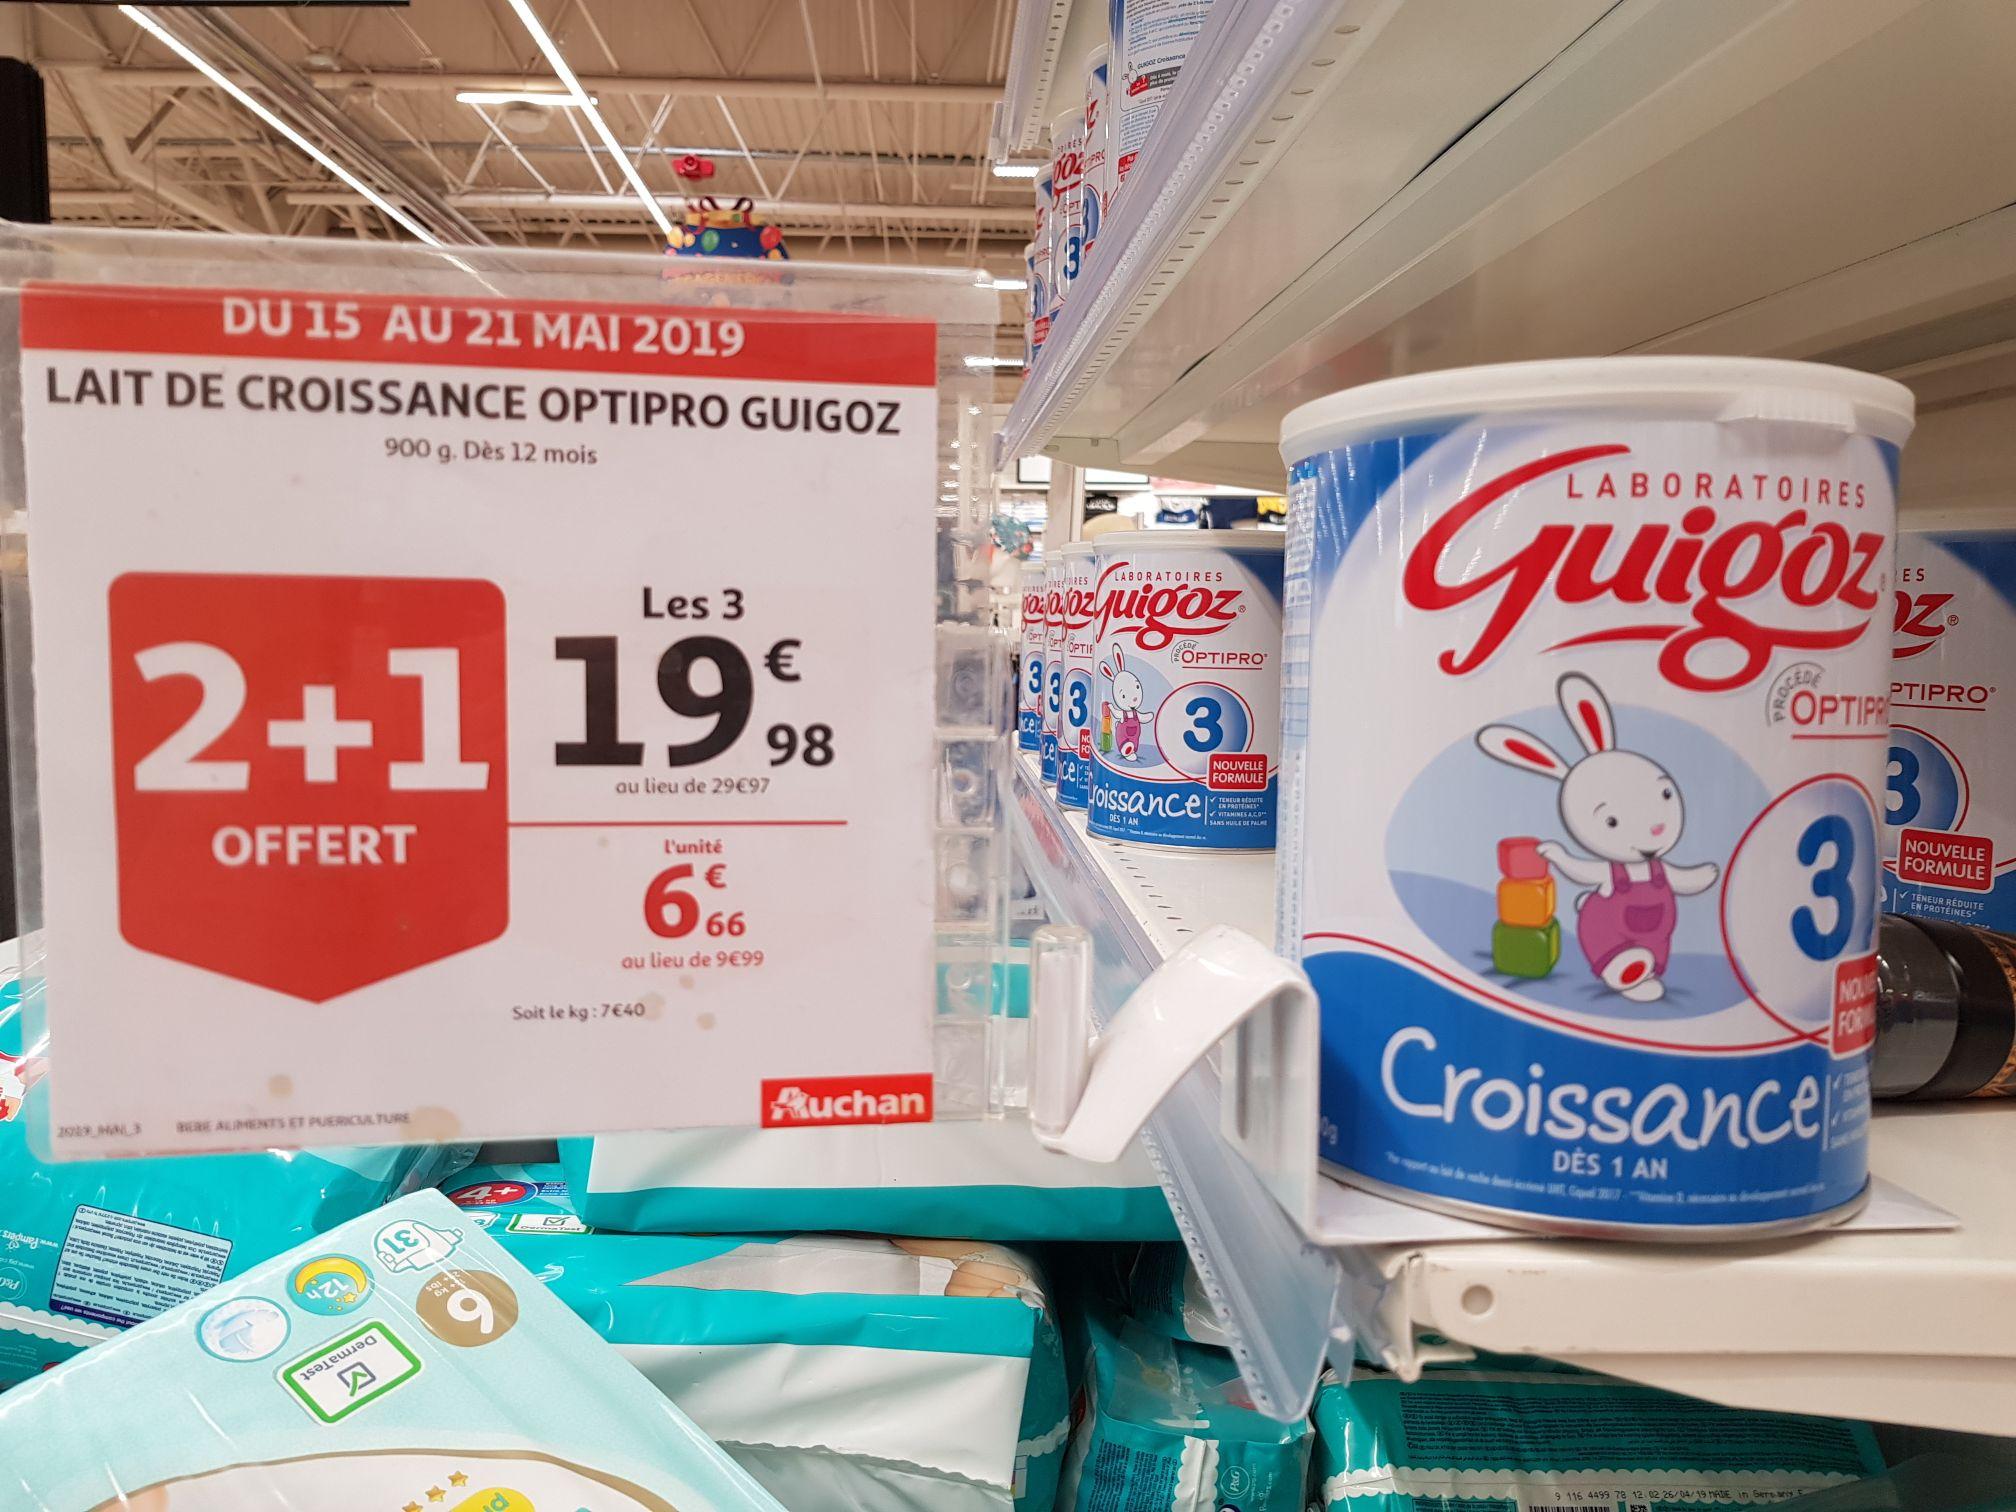 3 Boites de Lait infantile GUIGOZ Croissance 3 Optipro - Auchan